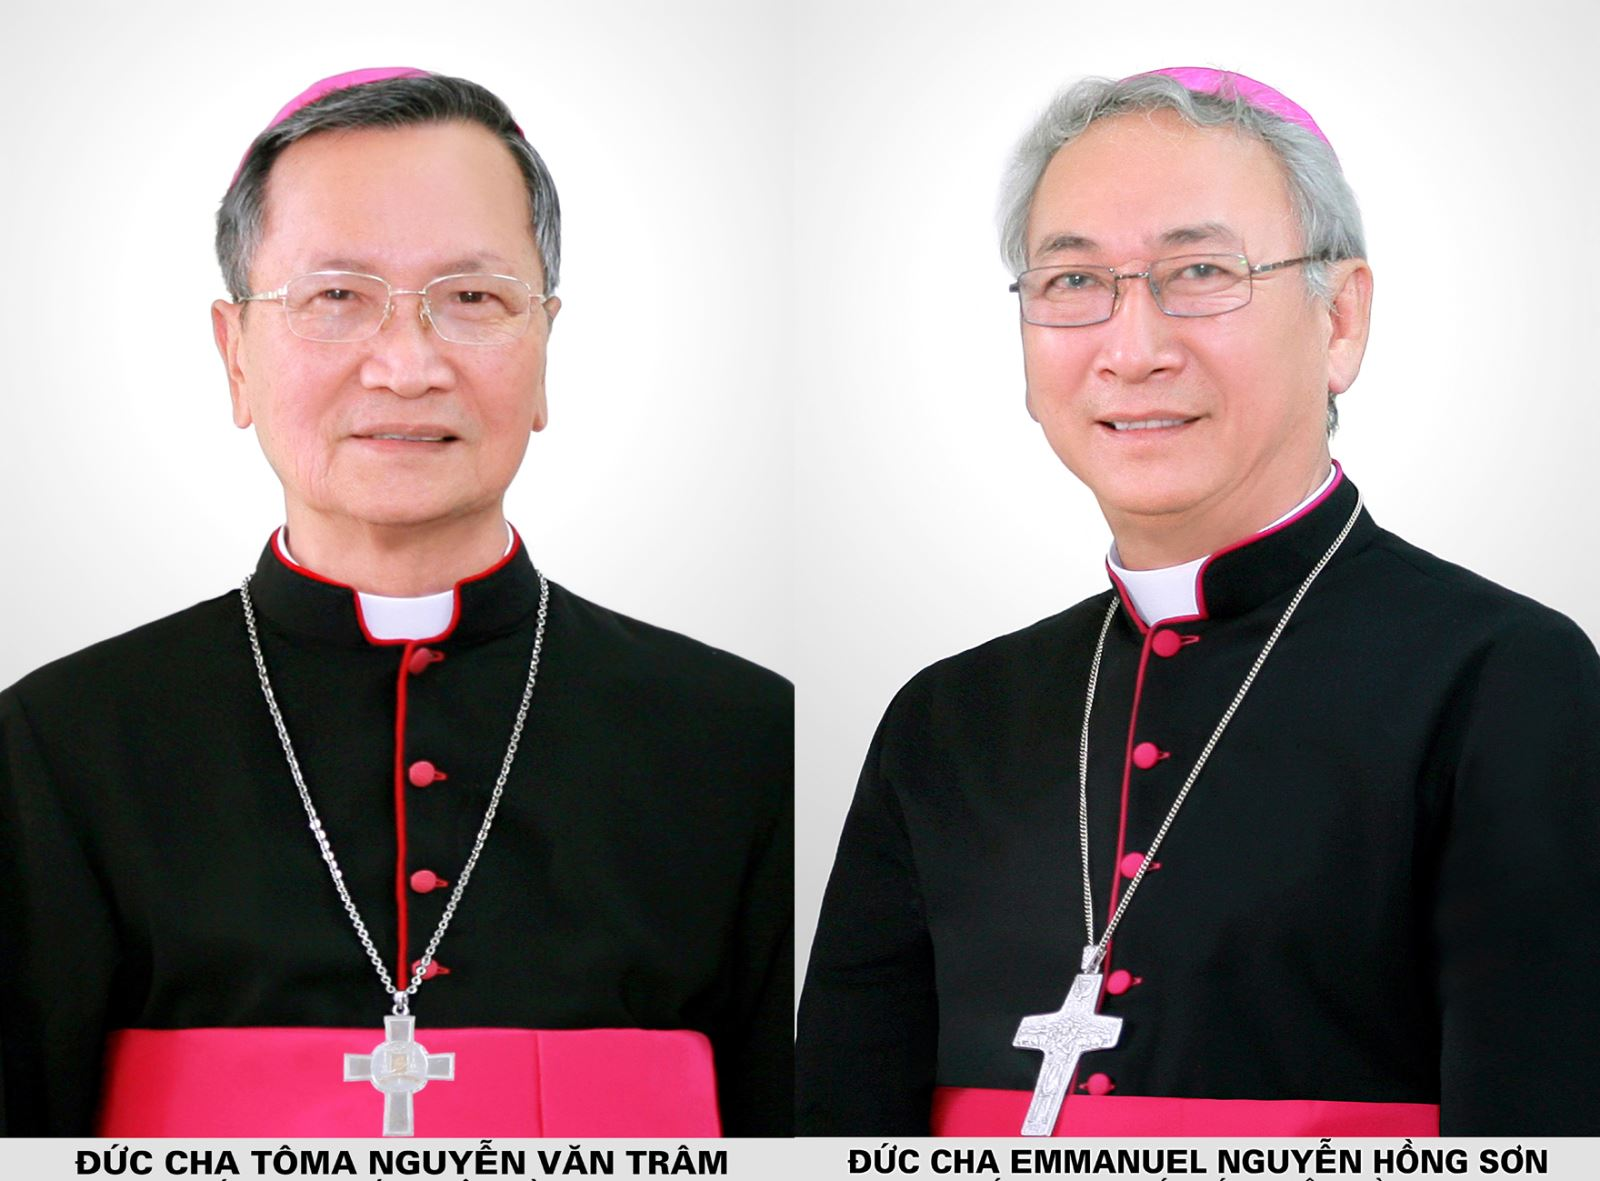 Đức cha Emmanuel Nguyễn Hồng Sơn: TÂN GIÁM MỤC CHÁNH TÒA GIÁO PHẬN BÀ RỊA